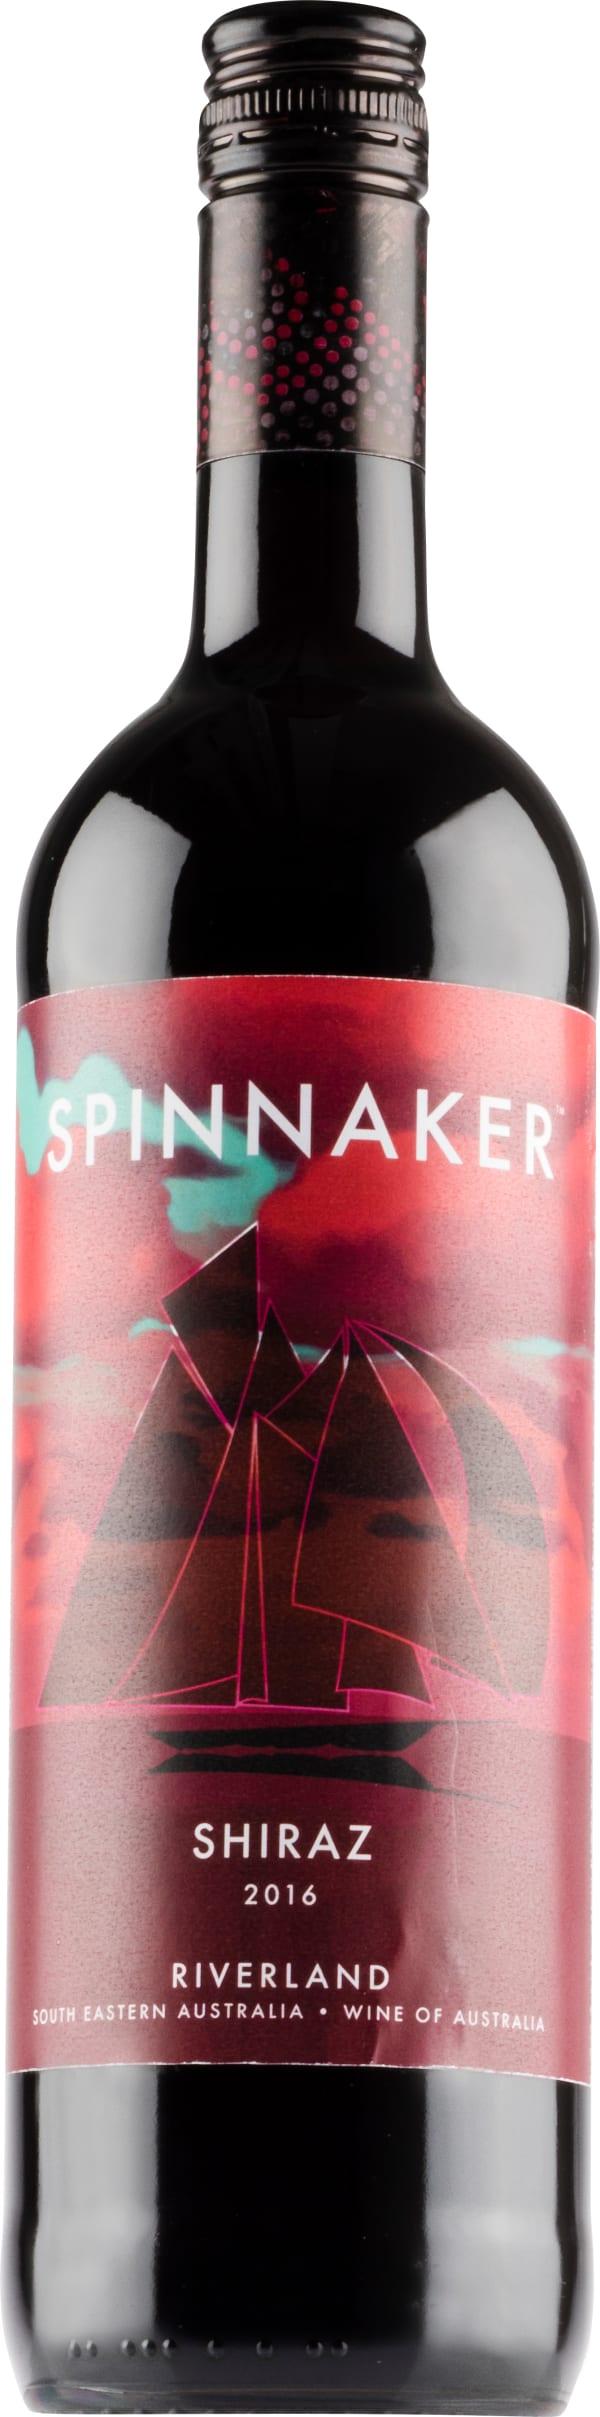 Spinnaker Shiraz 2017